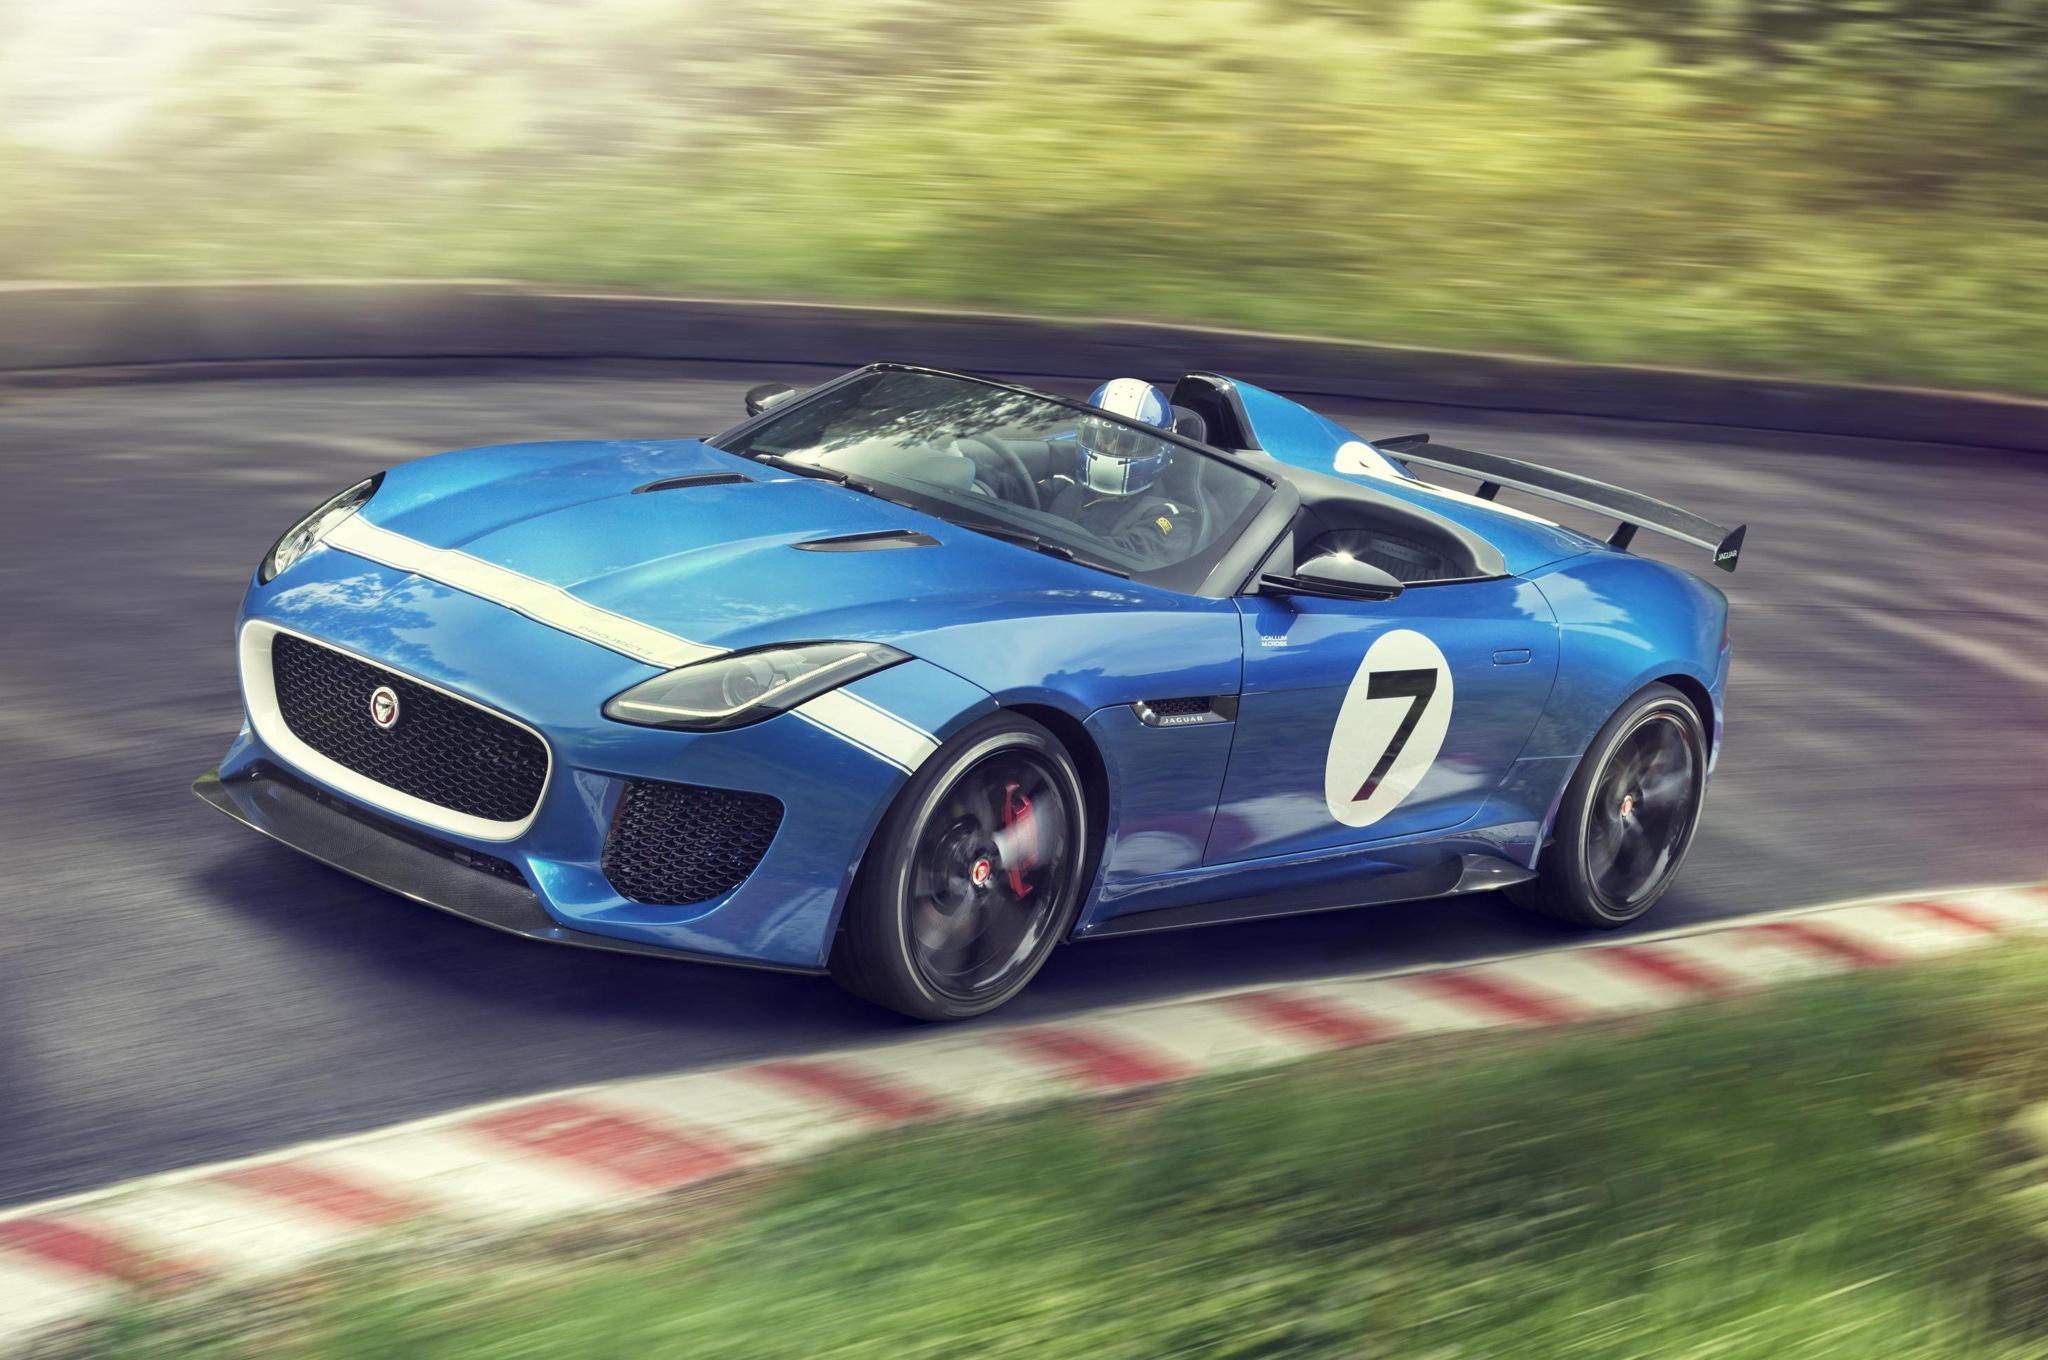 jaguar-project-7-concept-front-three-quarter-motion-2